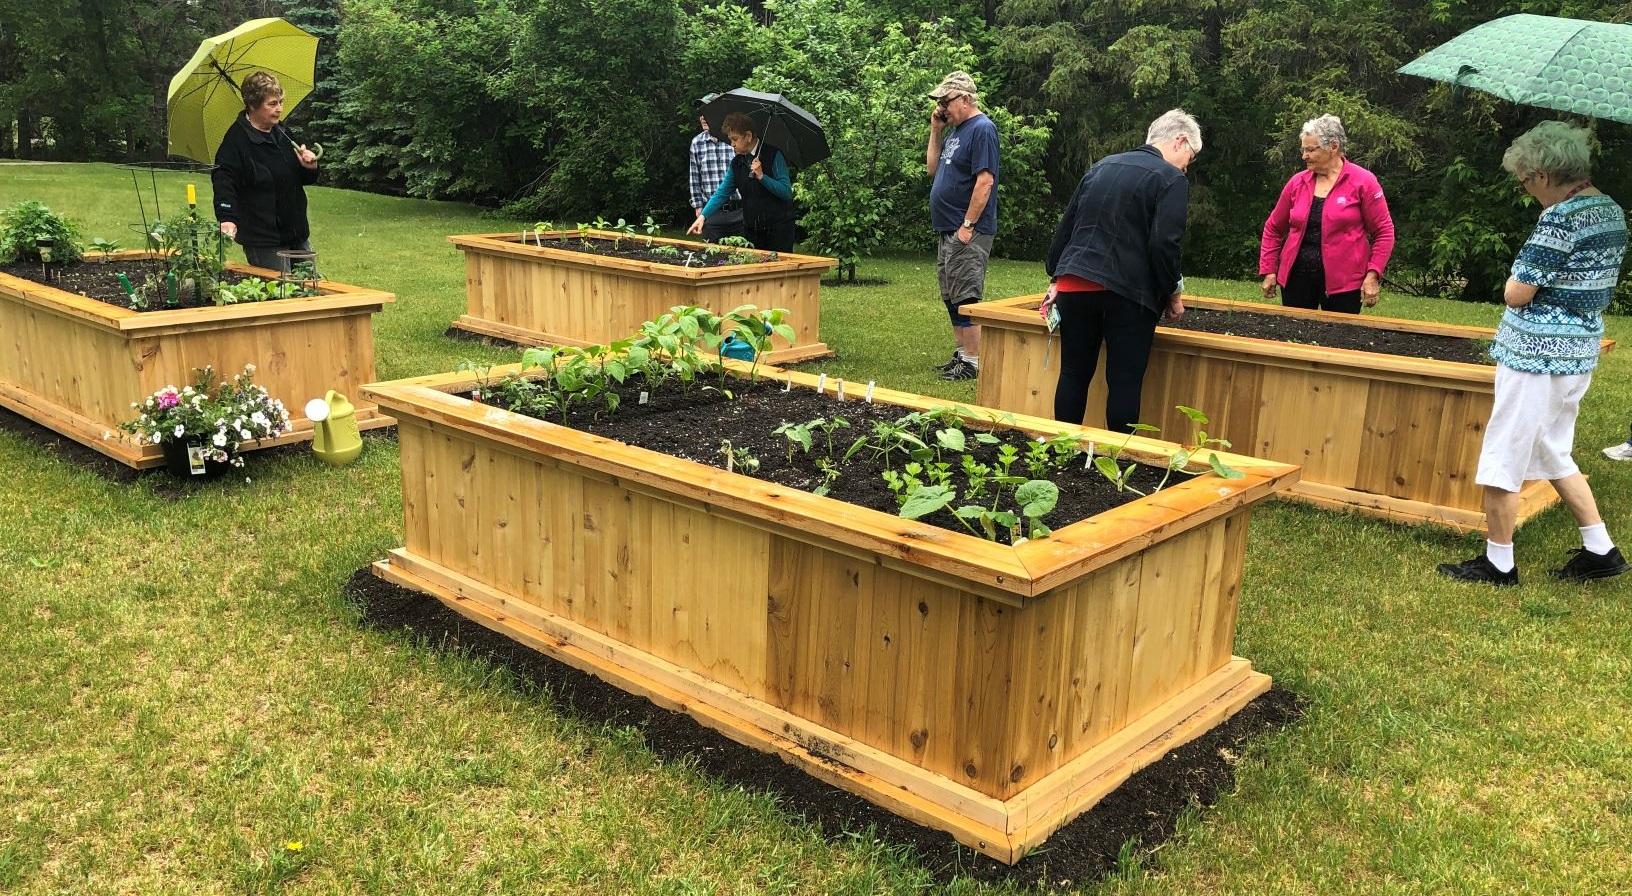 Le jardin communautaire d'une coopérative devient un lieu de rassemblement pour la communauté